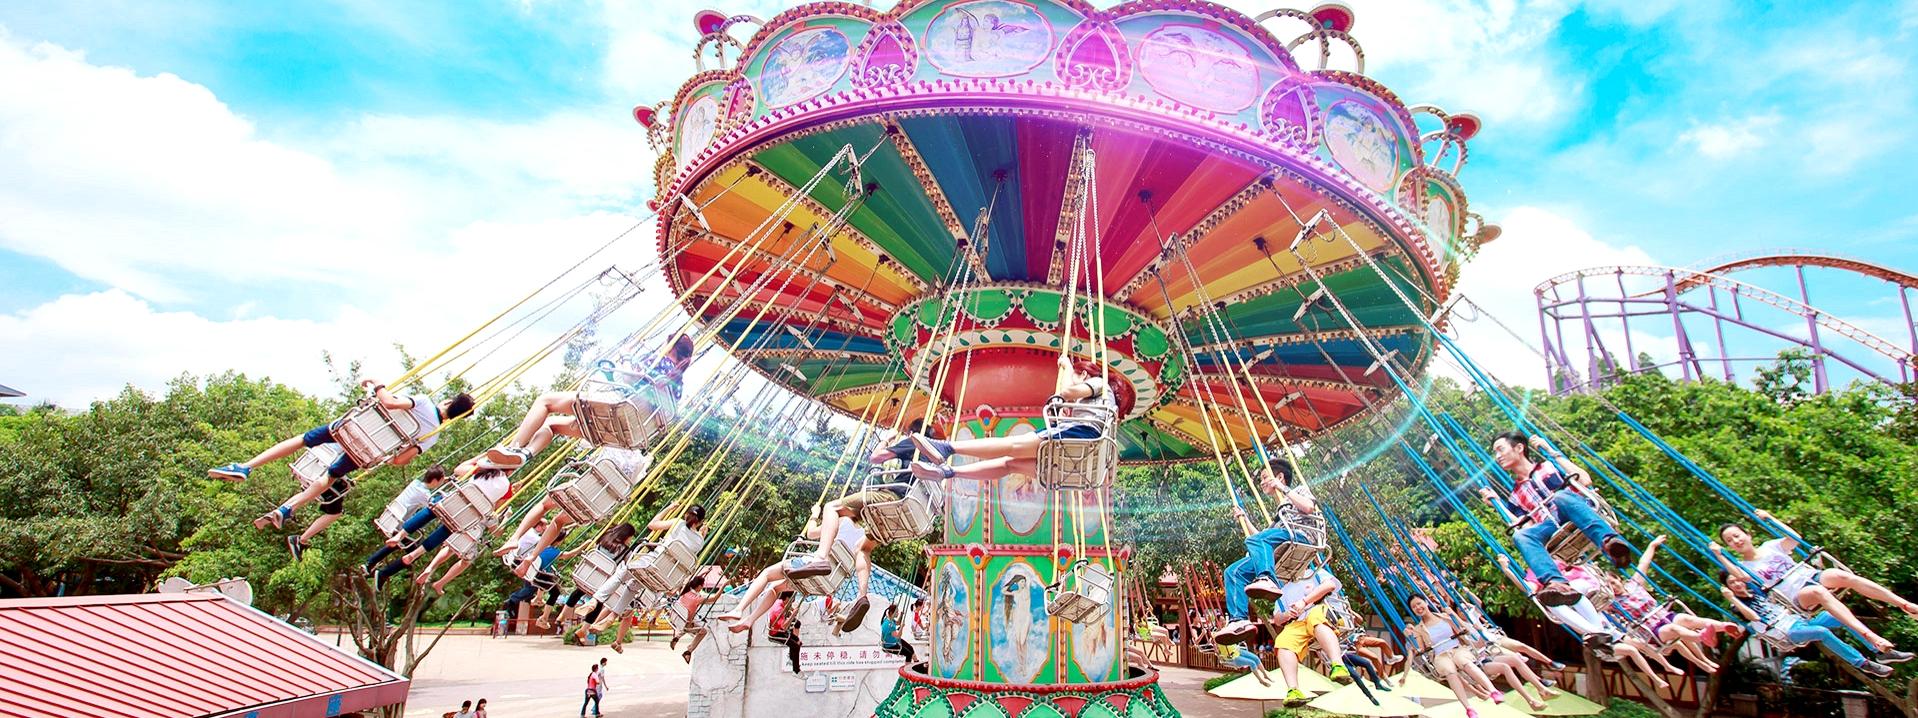 广州长隆欢乐世界飓风飞椅